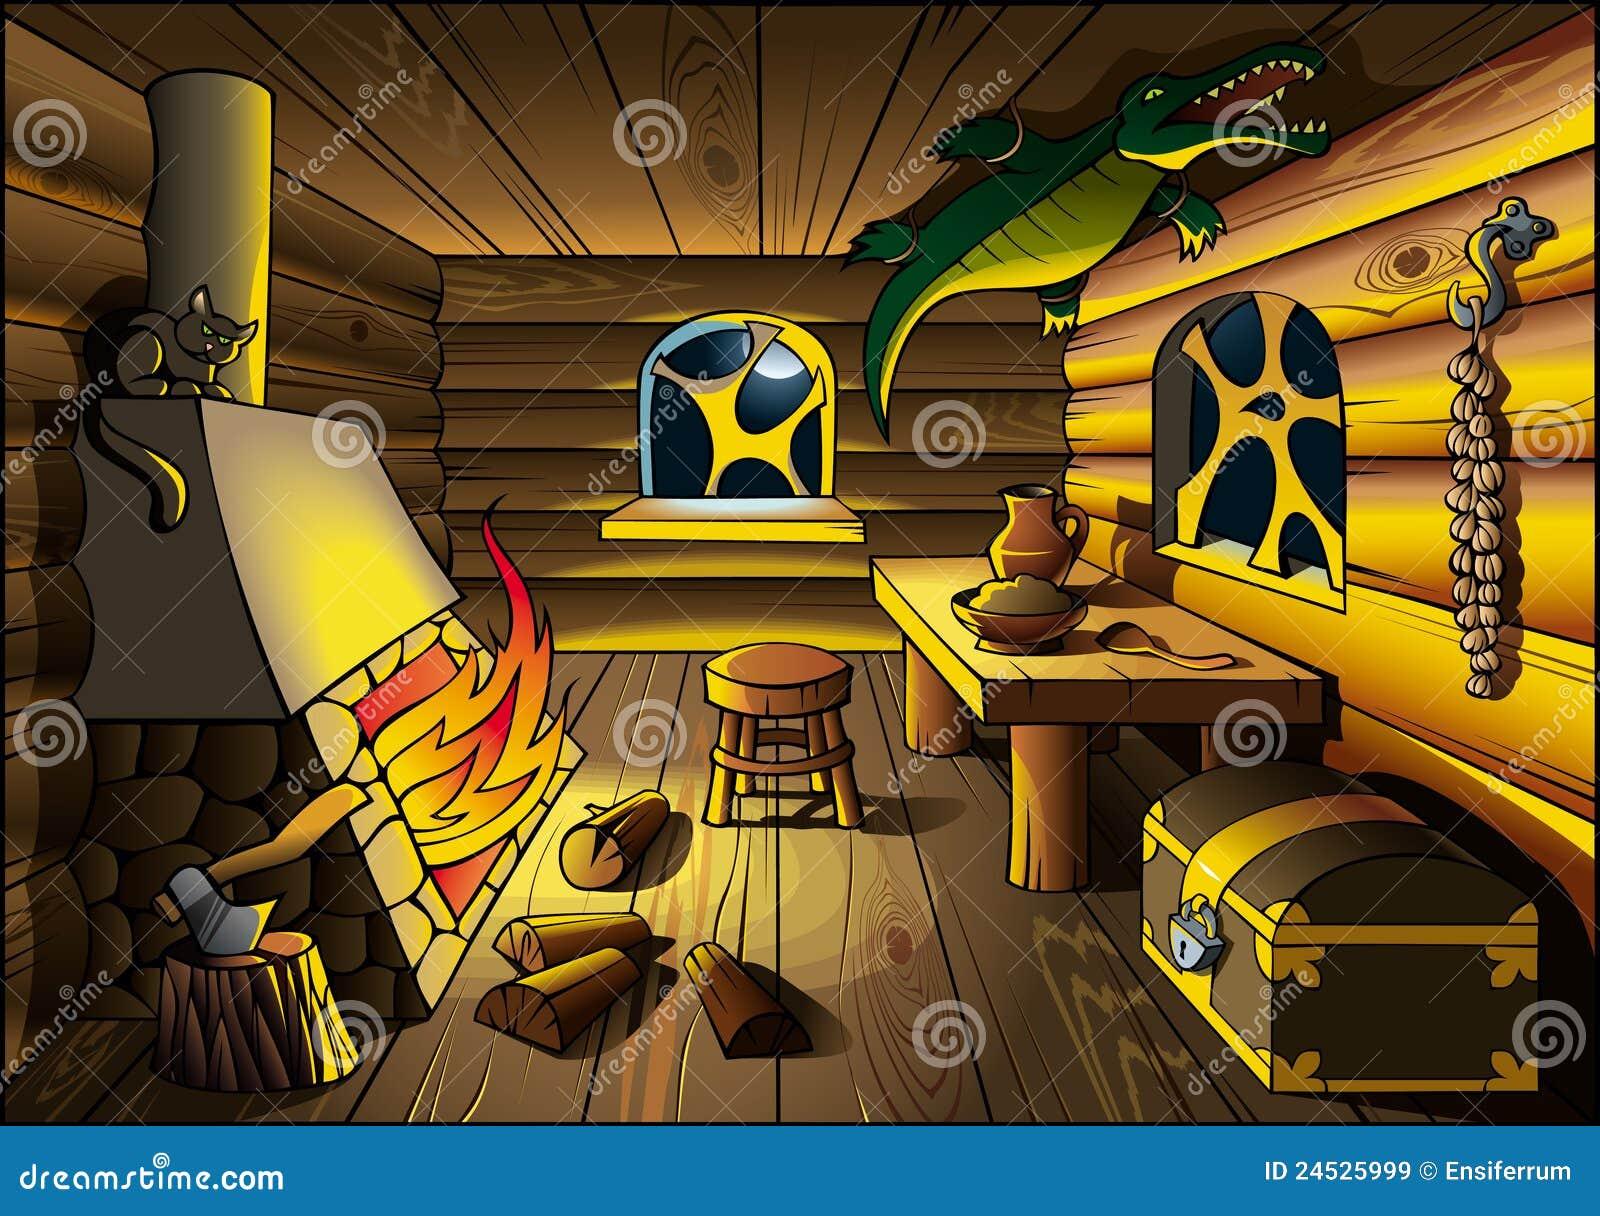 Maison de sorci re l 39 int rieur images libres de droits for A l interieur inside